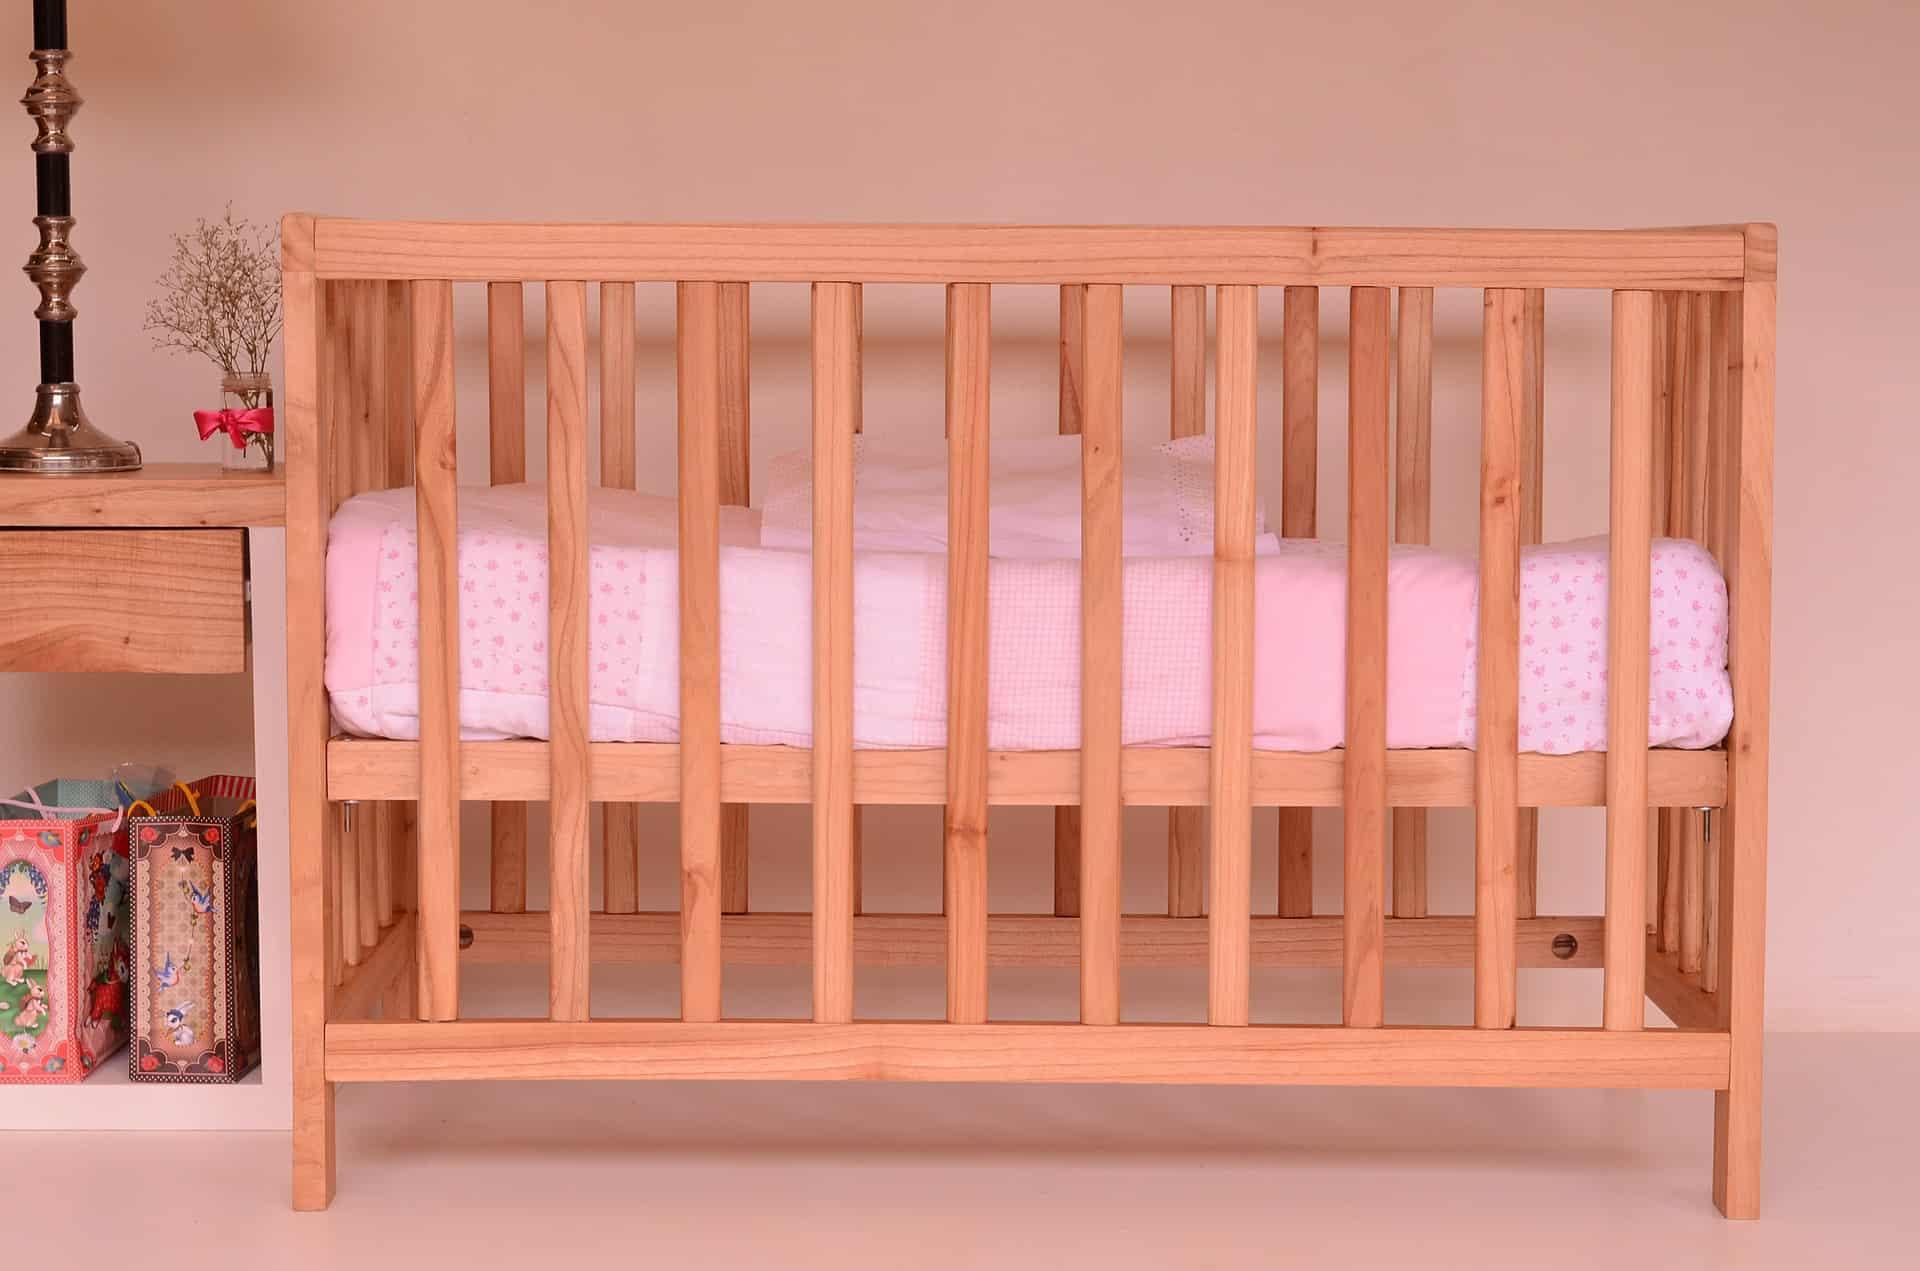 Full Size of Rausfallschutz Kinderbett Selber Machen Baby Hochbett Bett Selbst Gemacht Test Empfehlungen 05 20 Küche Zusammenstellen Wohnzimmer Rausfallschutz Selbst Gemacht